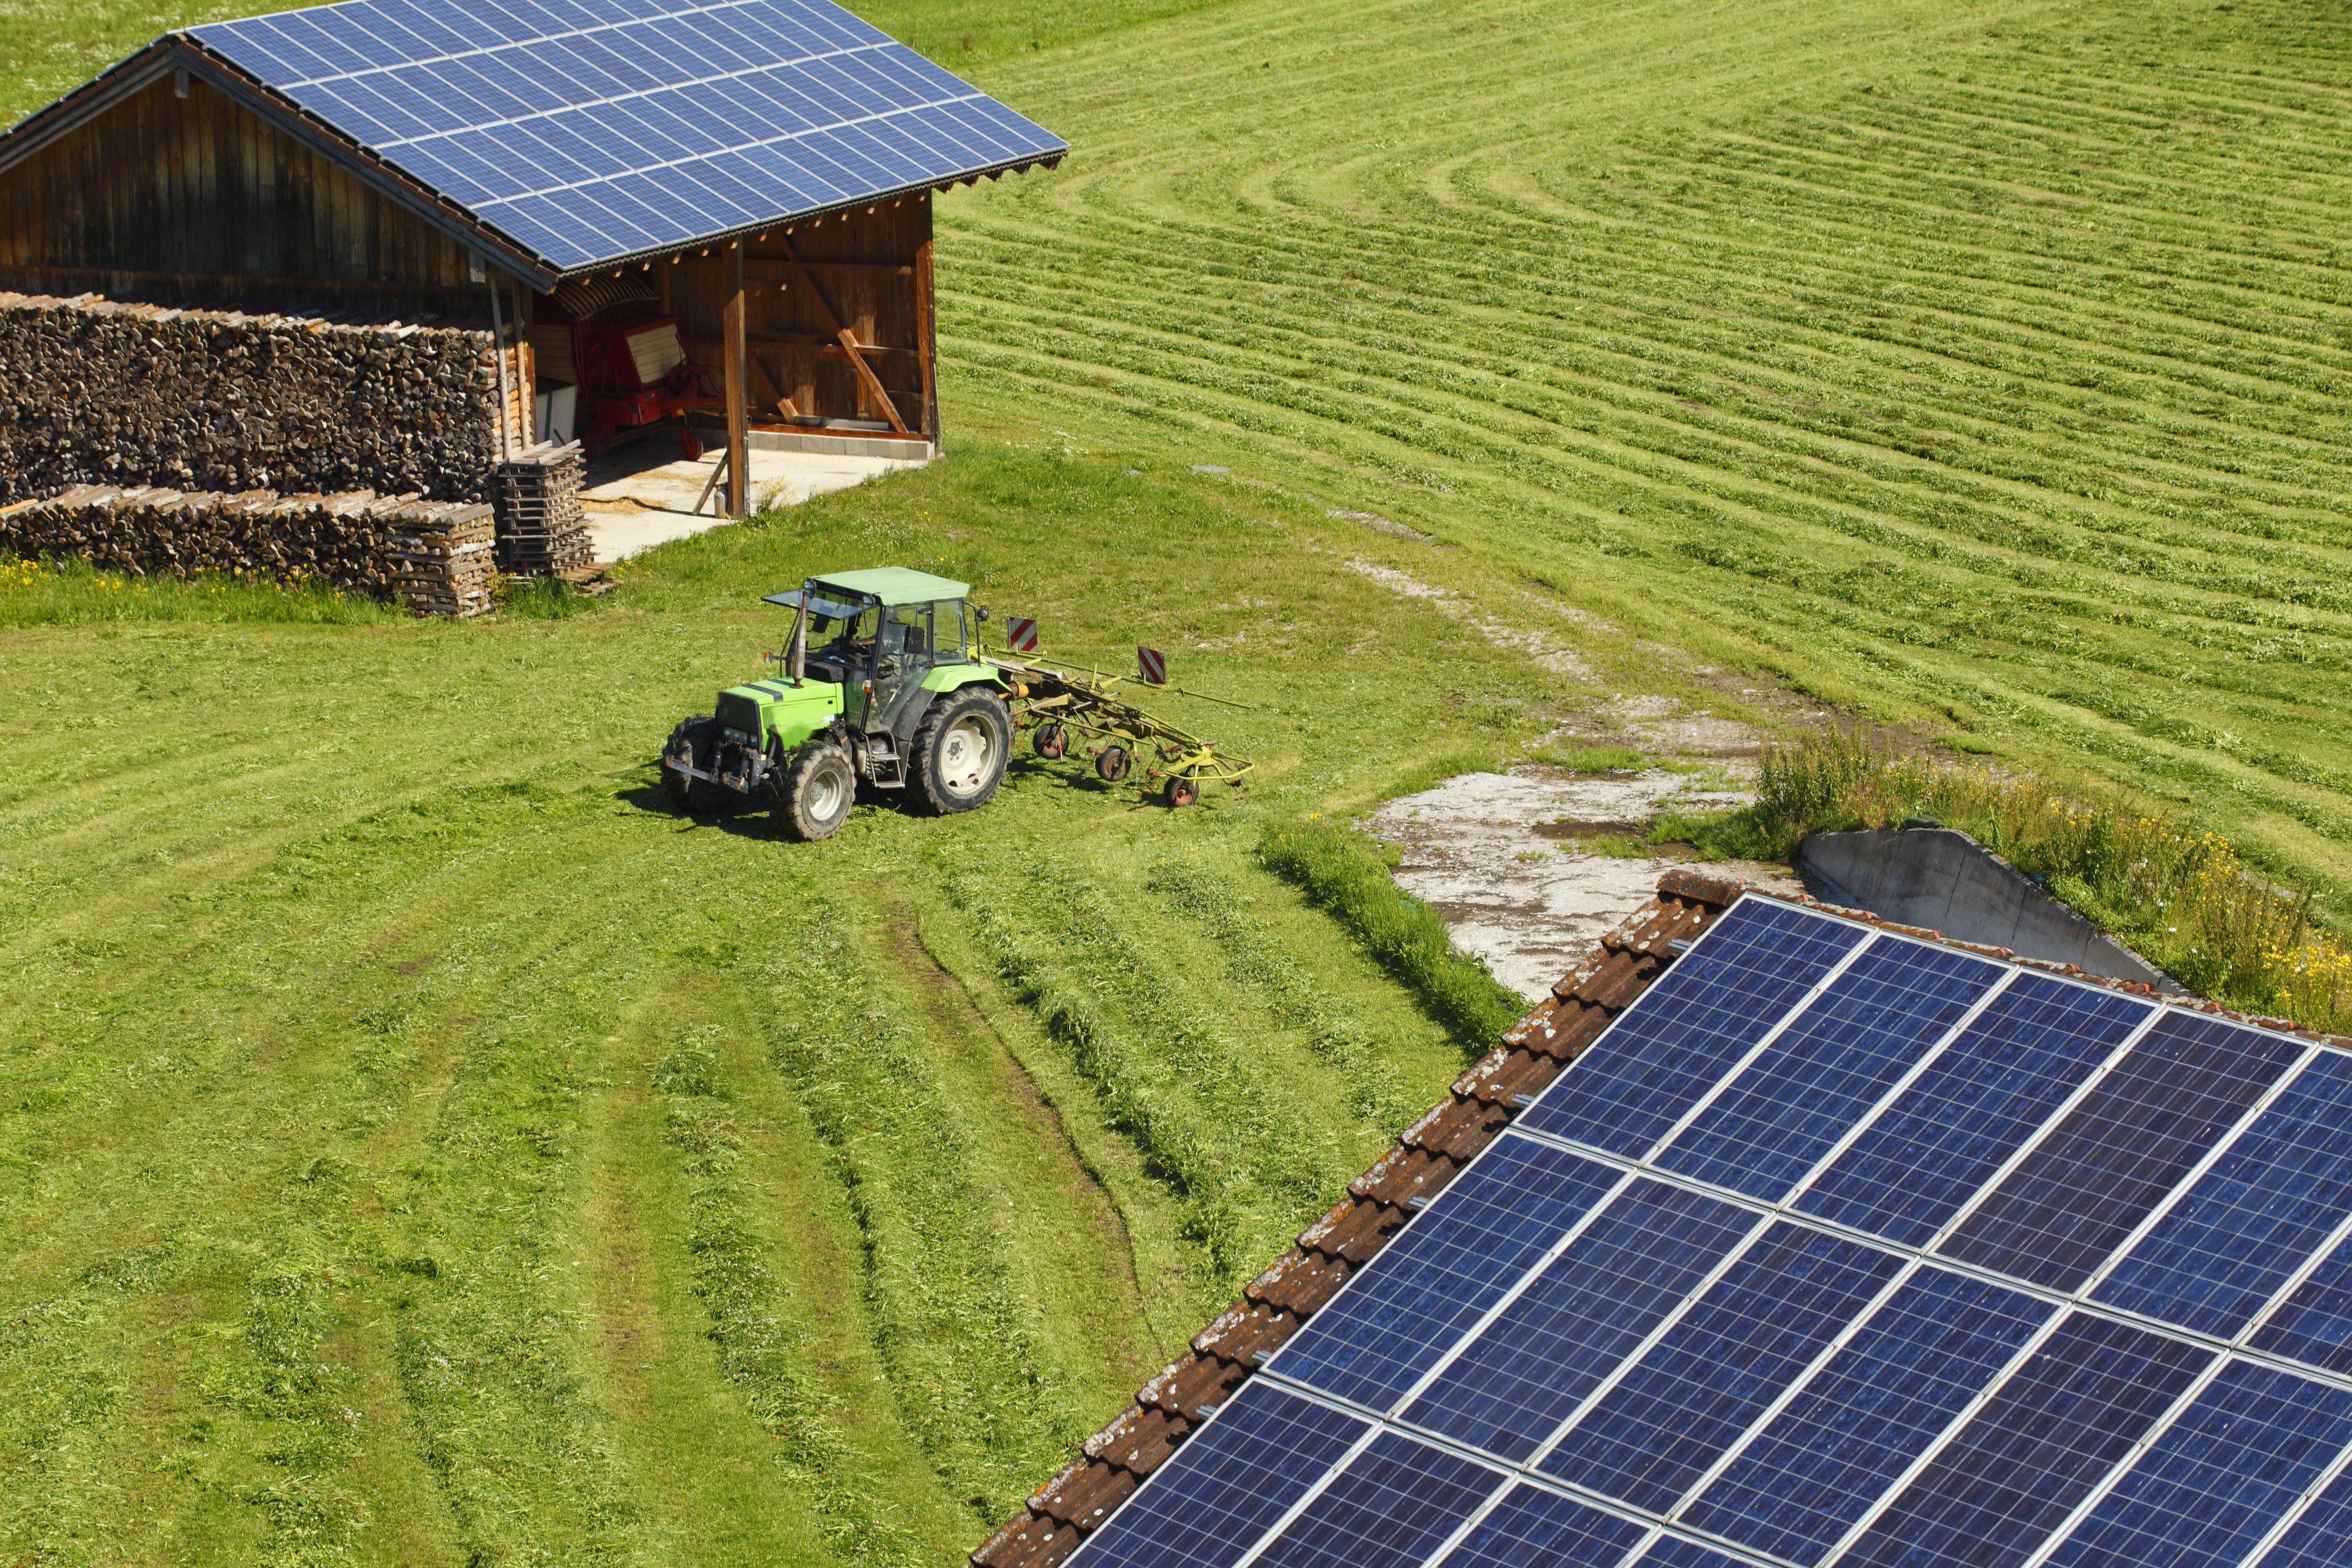 Energías renovables, una apuesta segura para el futuro del medioambiente